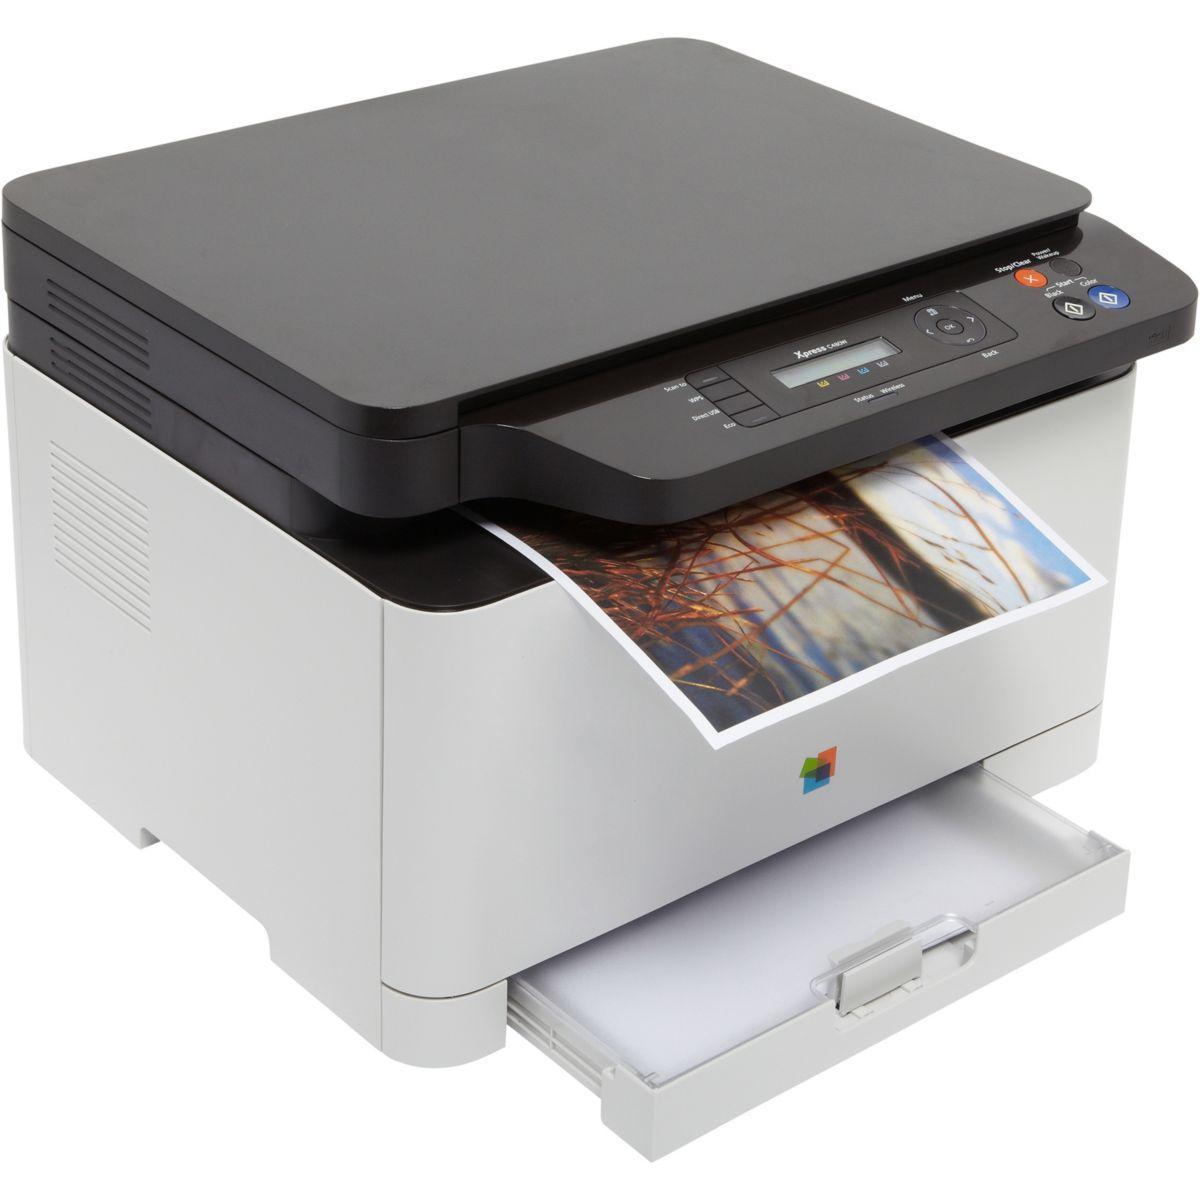 Pack promo imprimante multifonction laser couleur samsung sl-c480w + cartouche toner samsung noir clt-k404s - soldes et bonnes affaires à prix imbatta